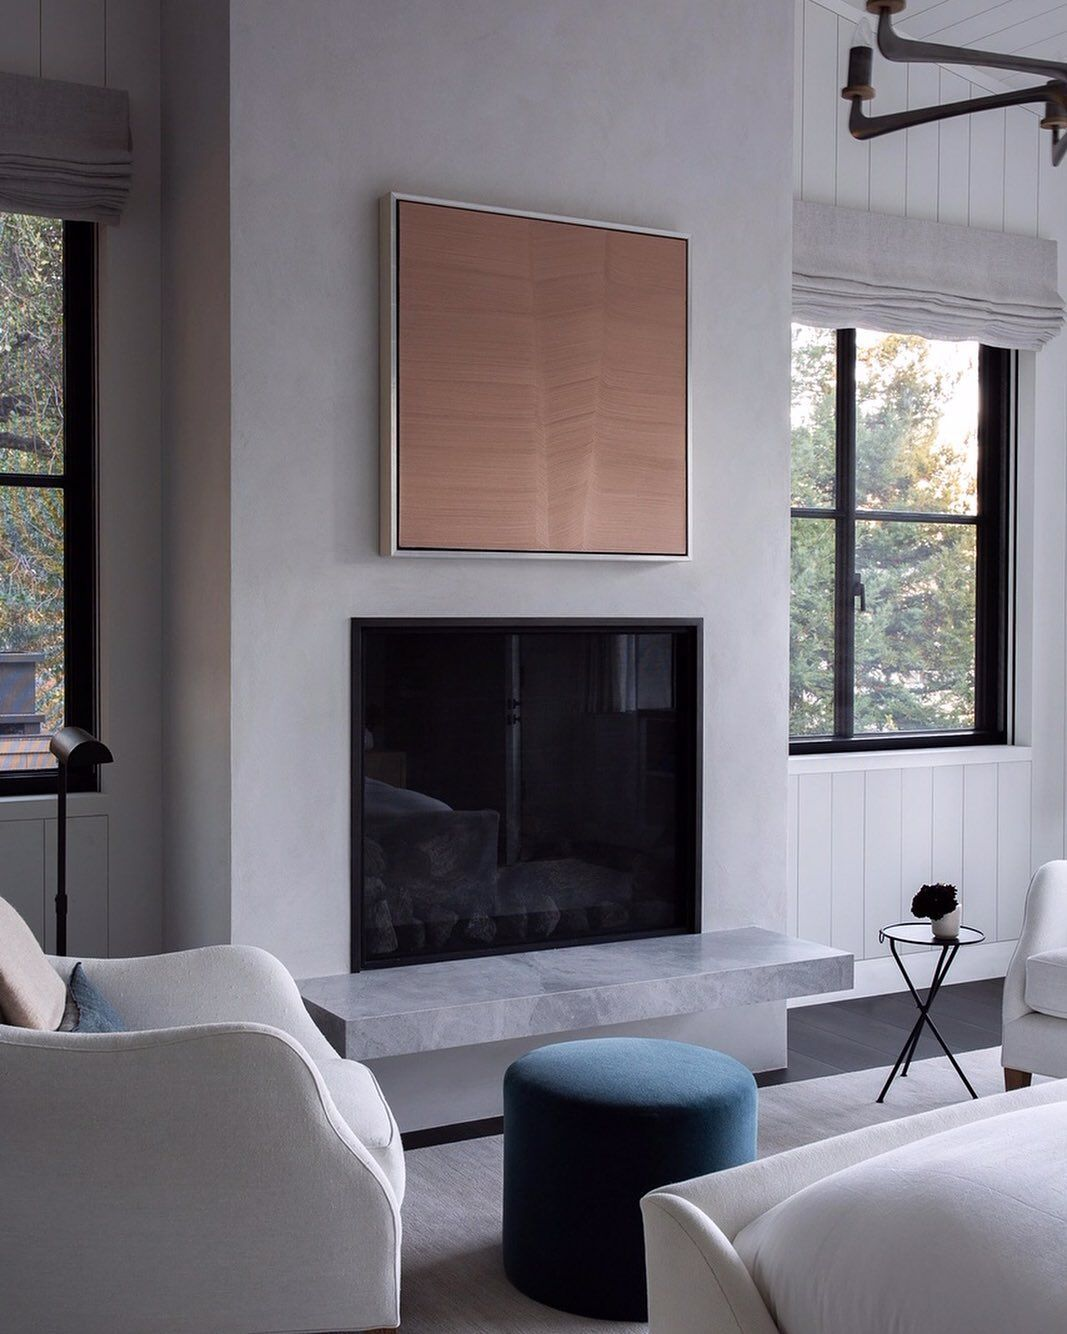 M Elle Design On Instagram Master Bedroom Designed By M Elle